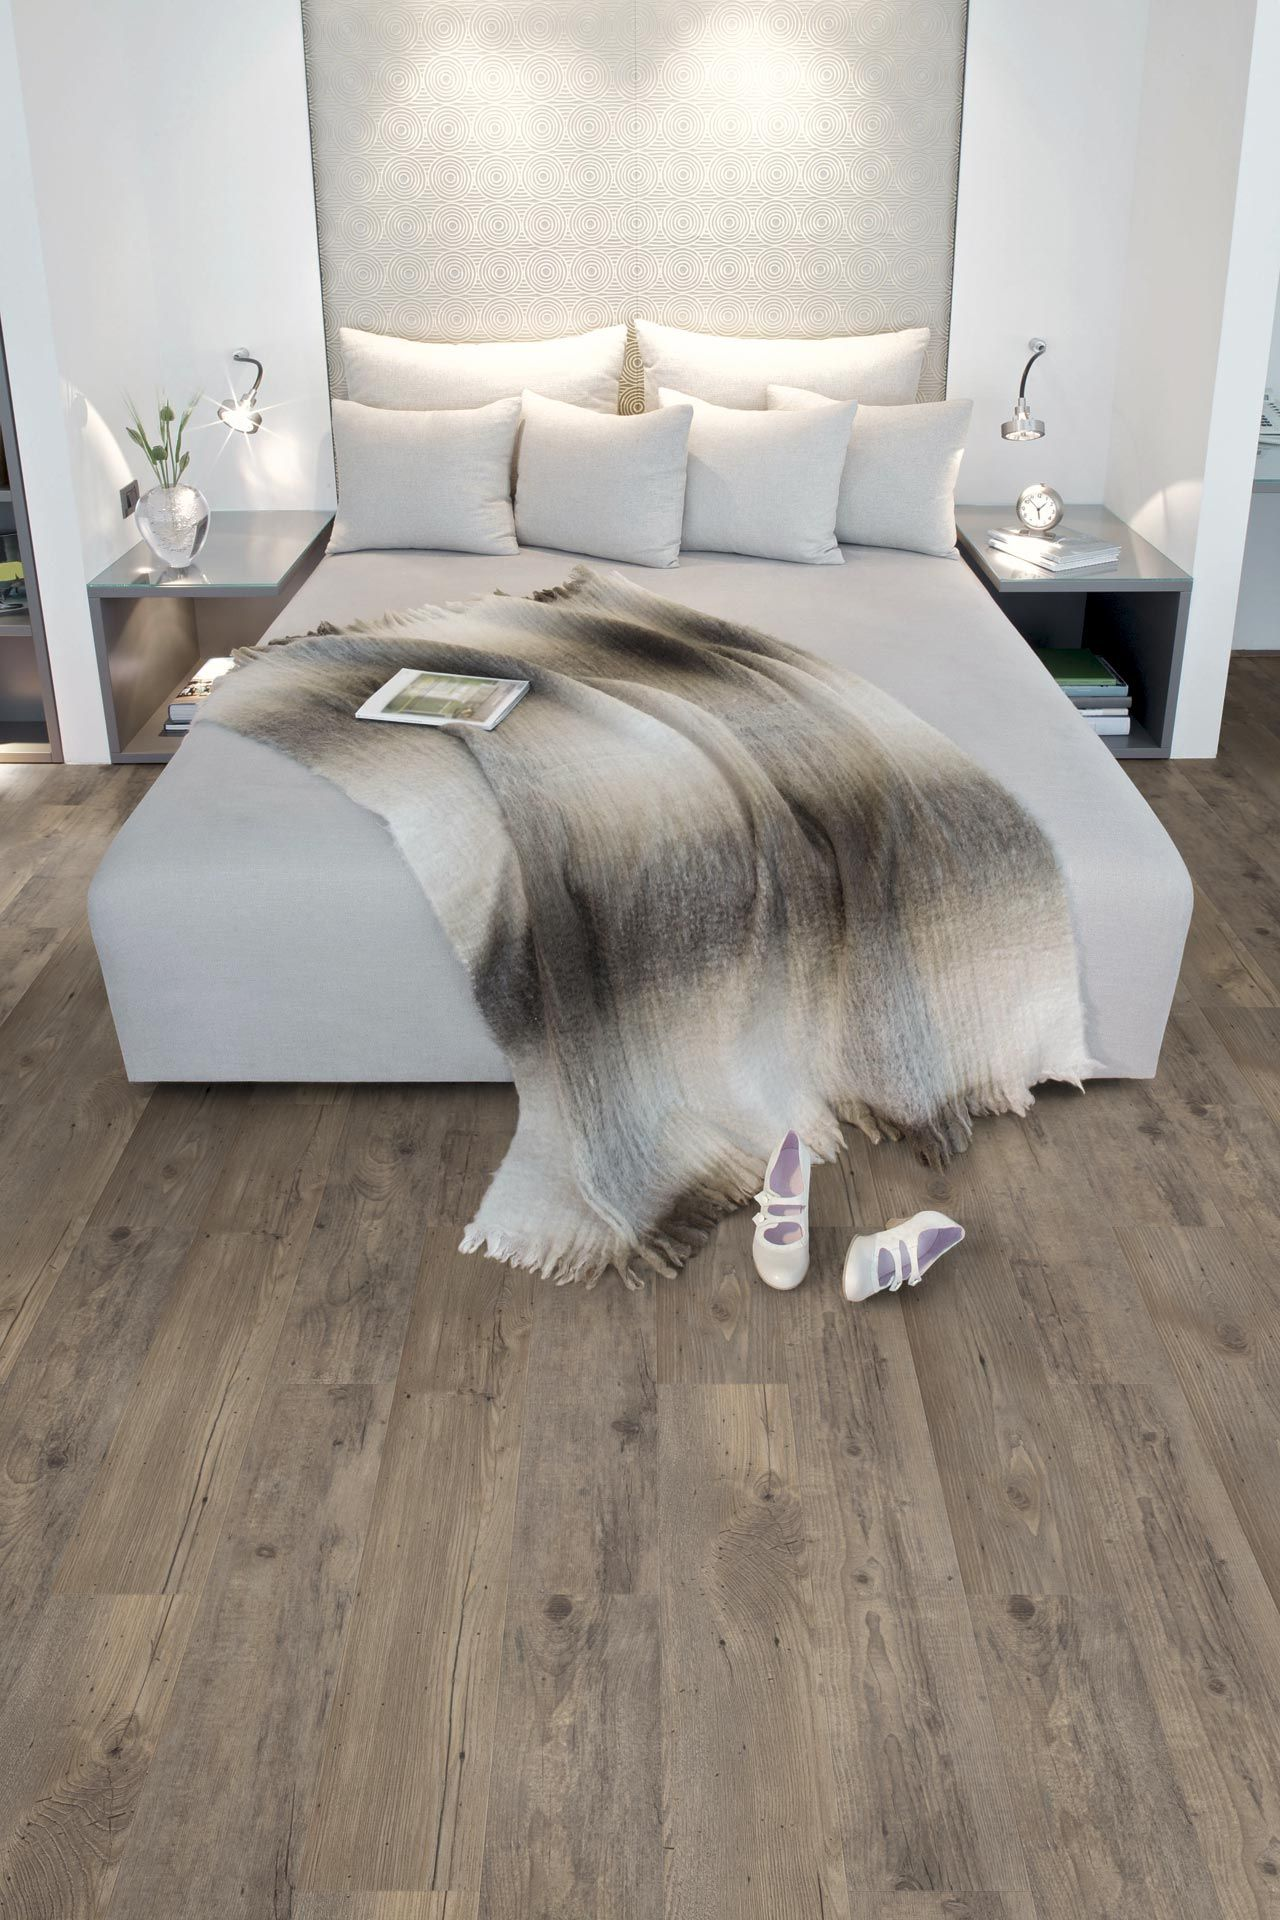 slaapkamer in natuurlijke kleuren de kop van het bed past samen